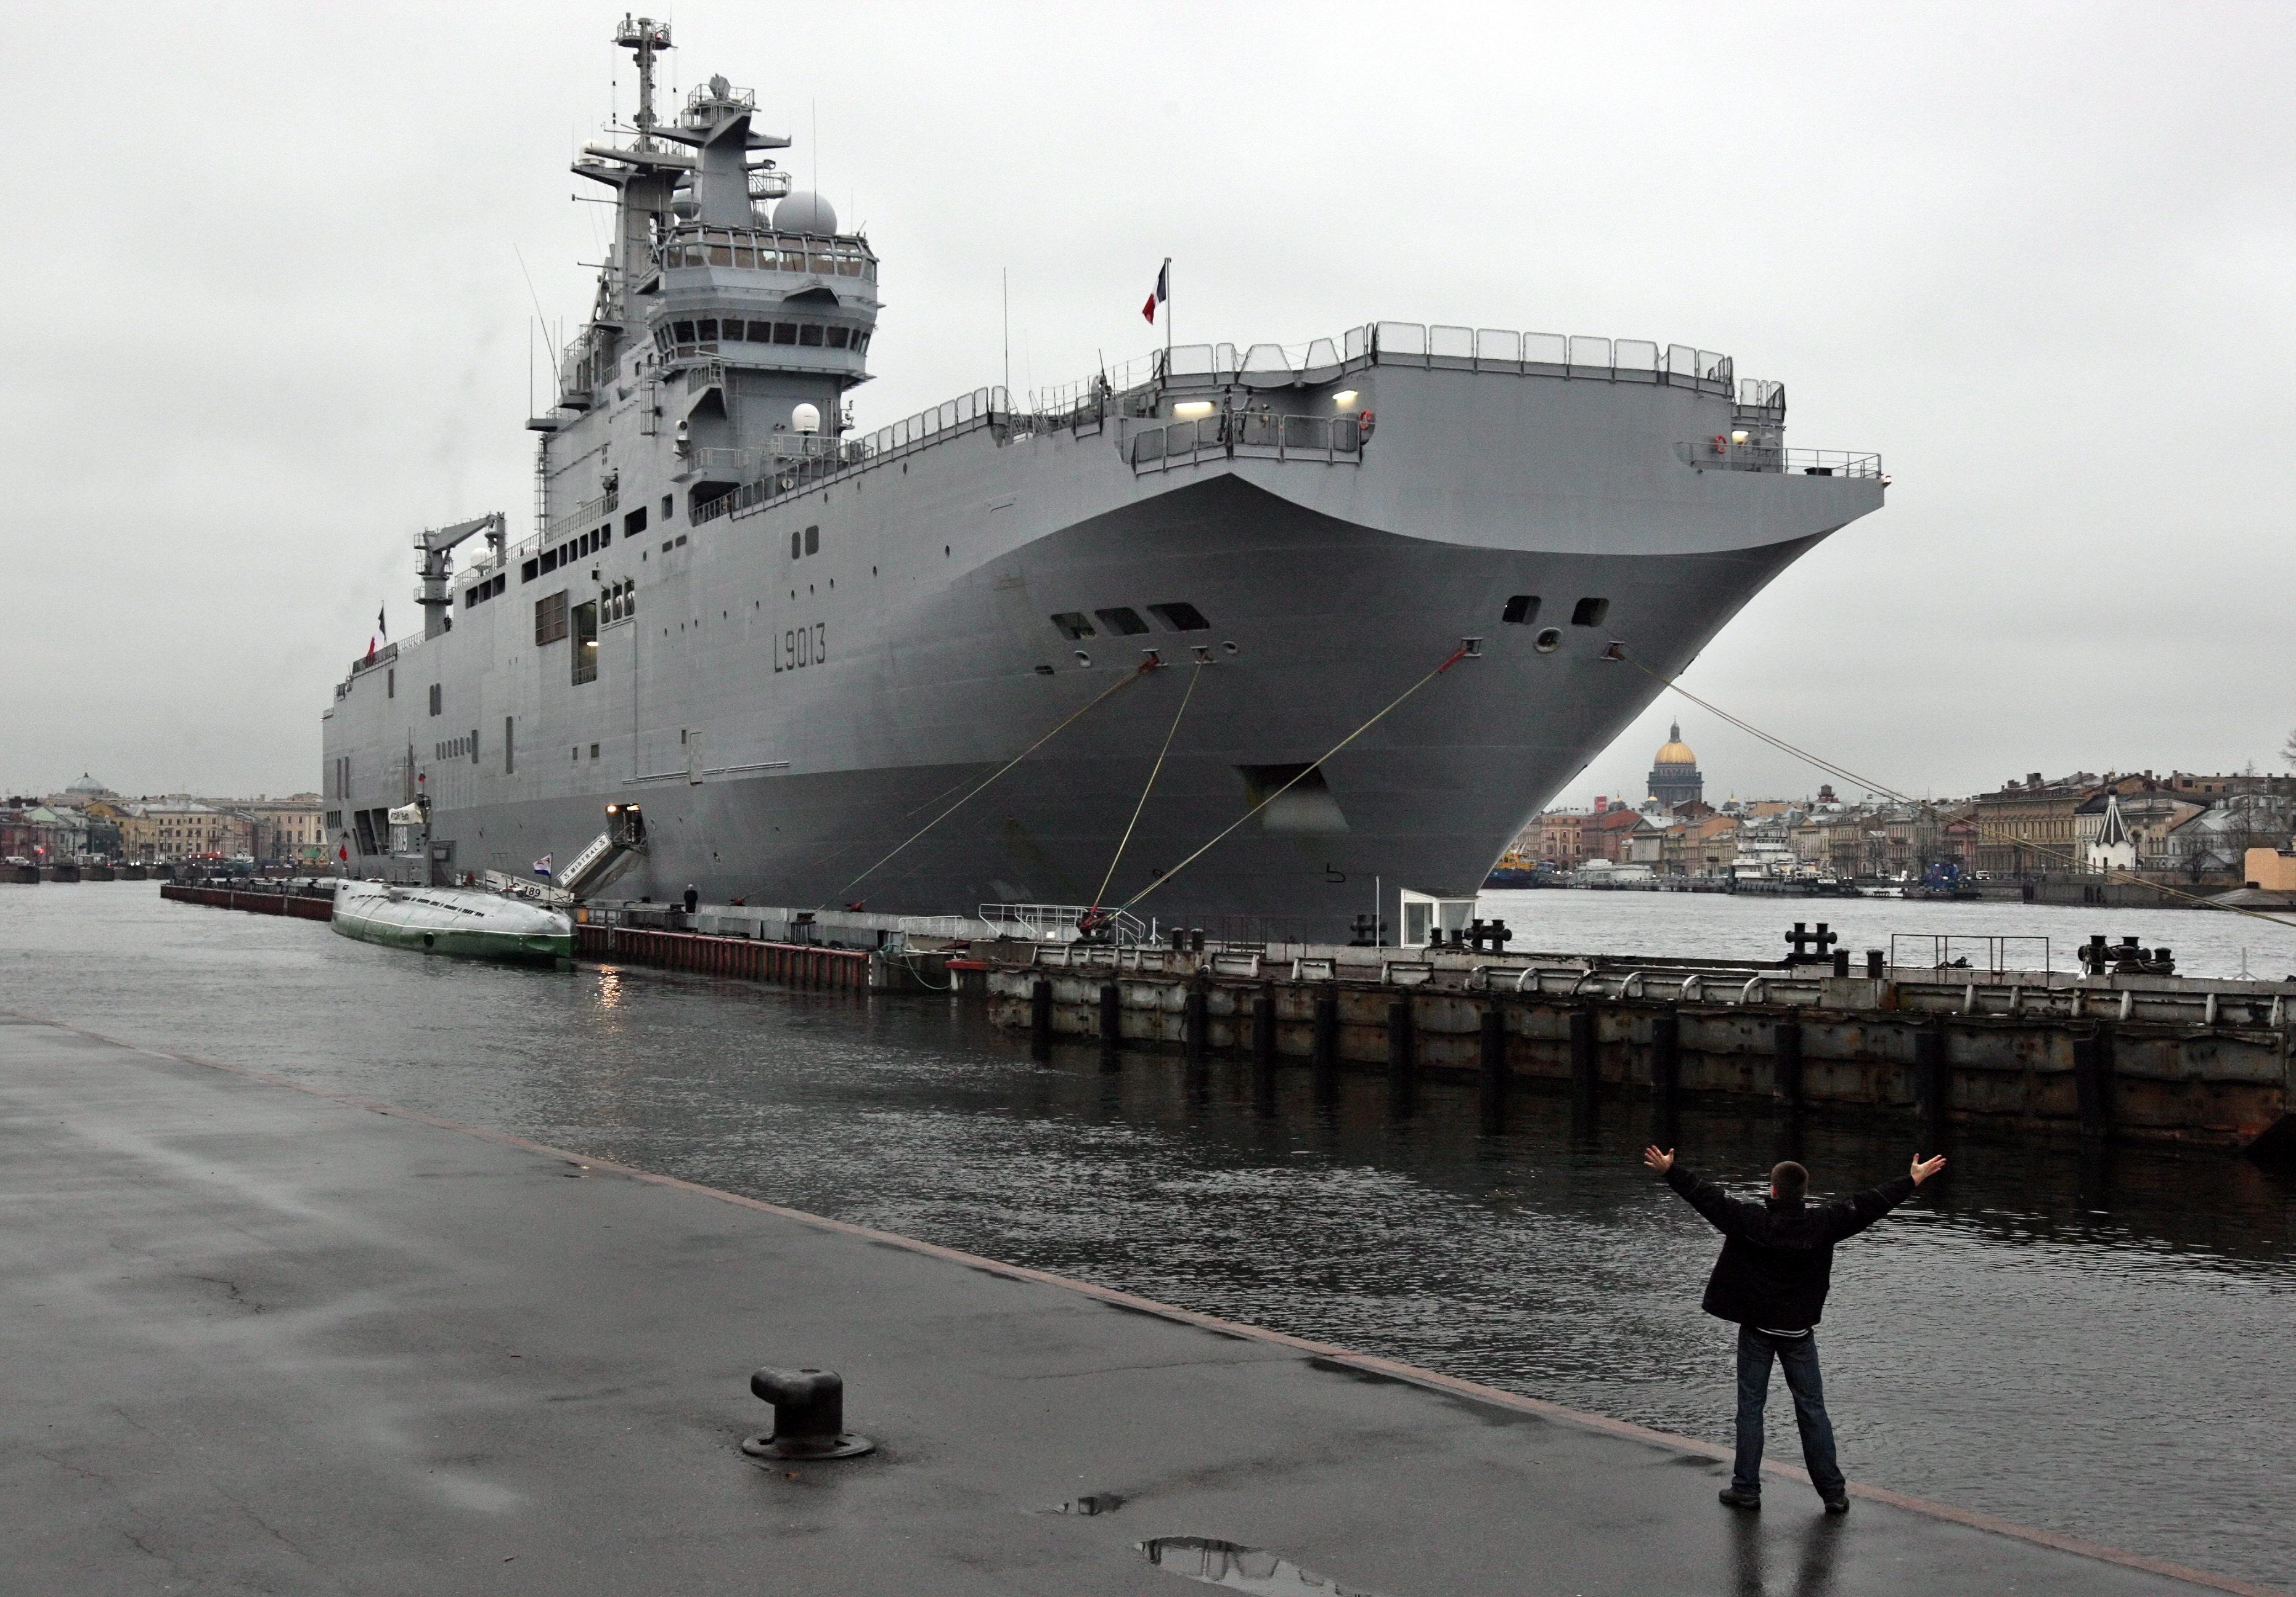 Francie dodá Rusům slíbené válečné lodě. Vydělávat se prostě musí